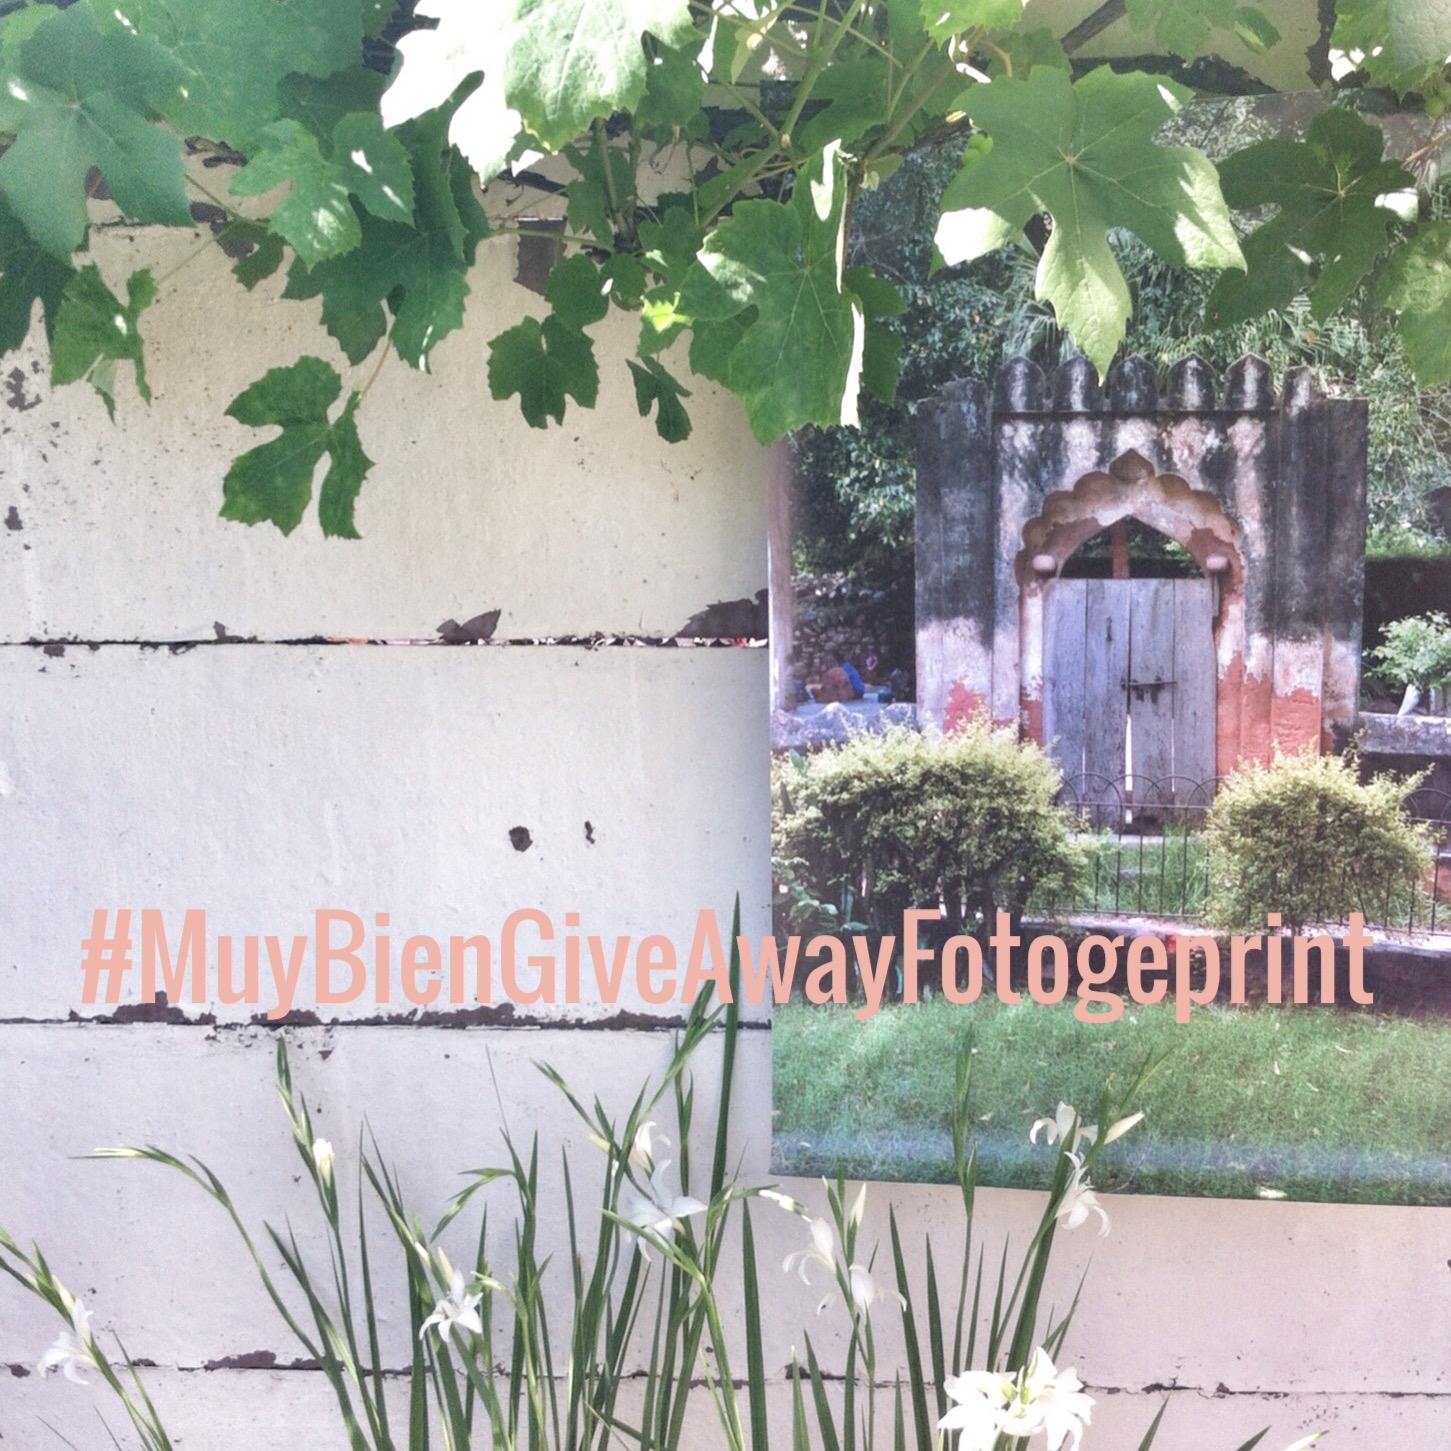 ¡Give Away: Tuinposter van Fotogeprint!